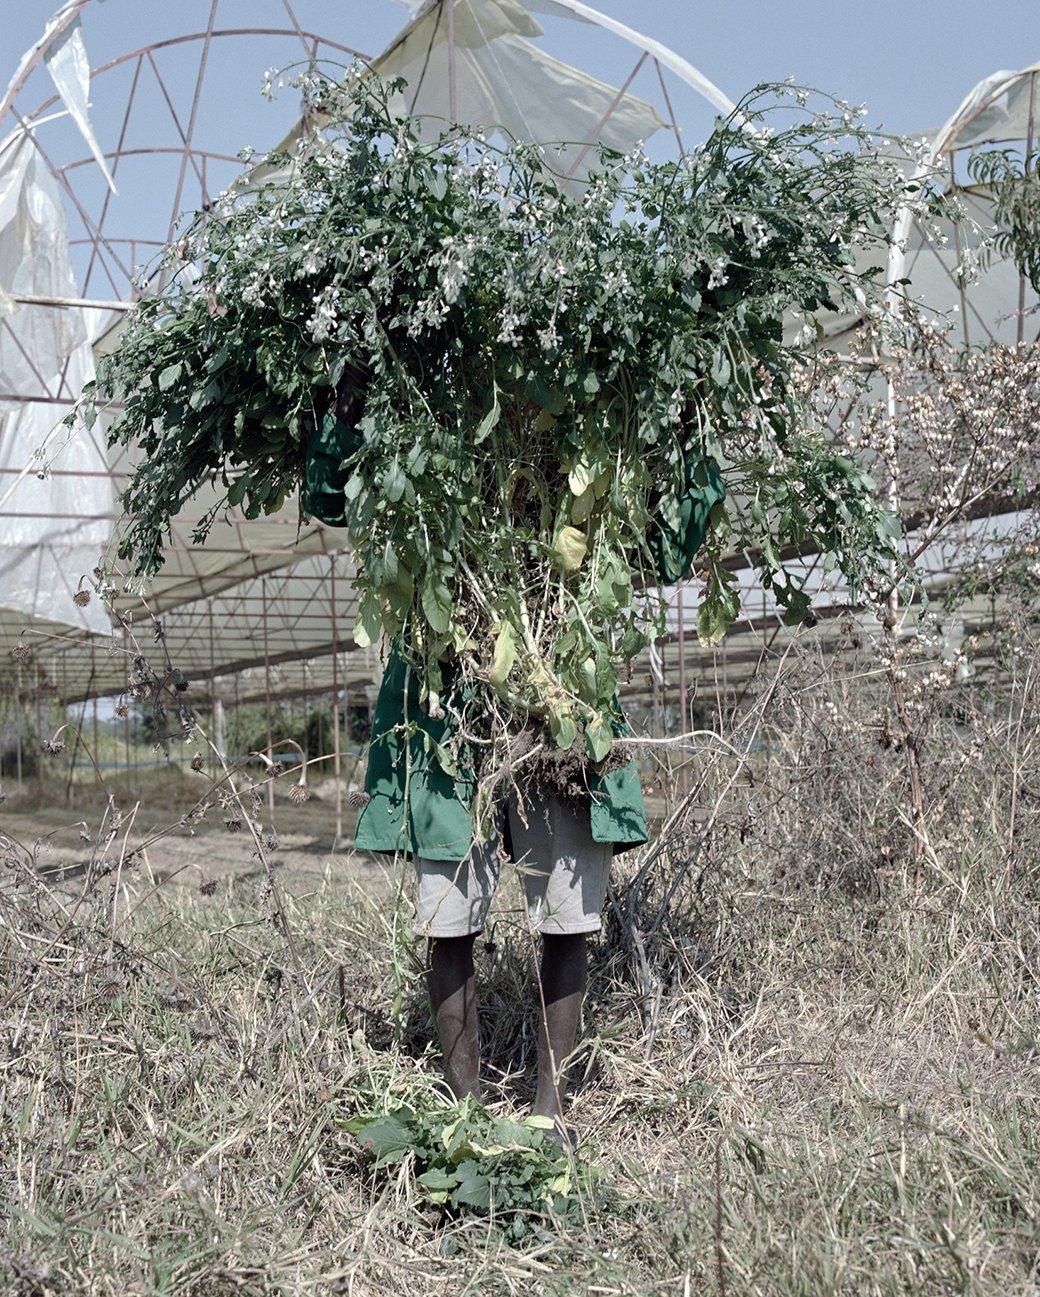 «Местность»: Обезличенный труд африканских крестьян. Изображение № 12.